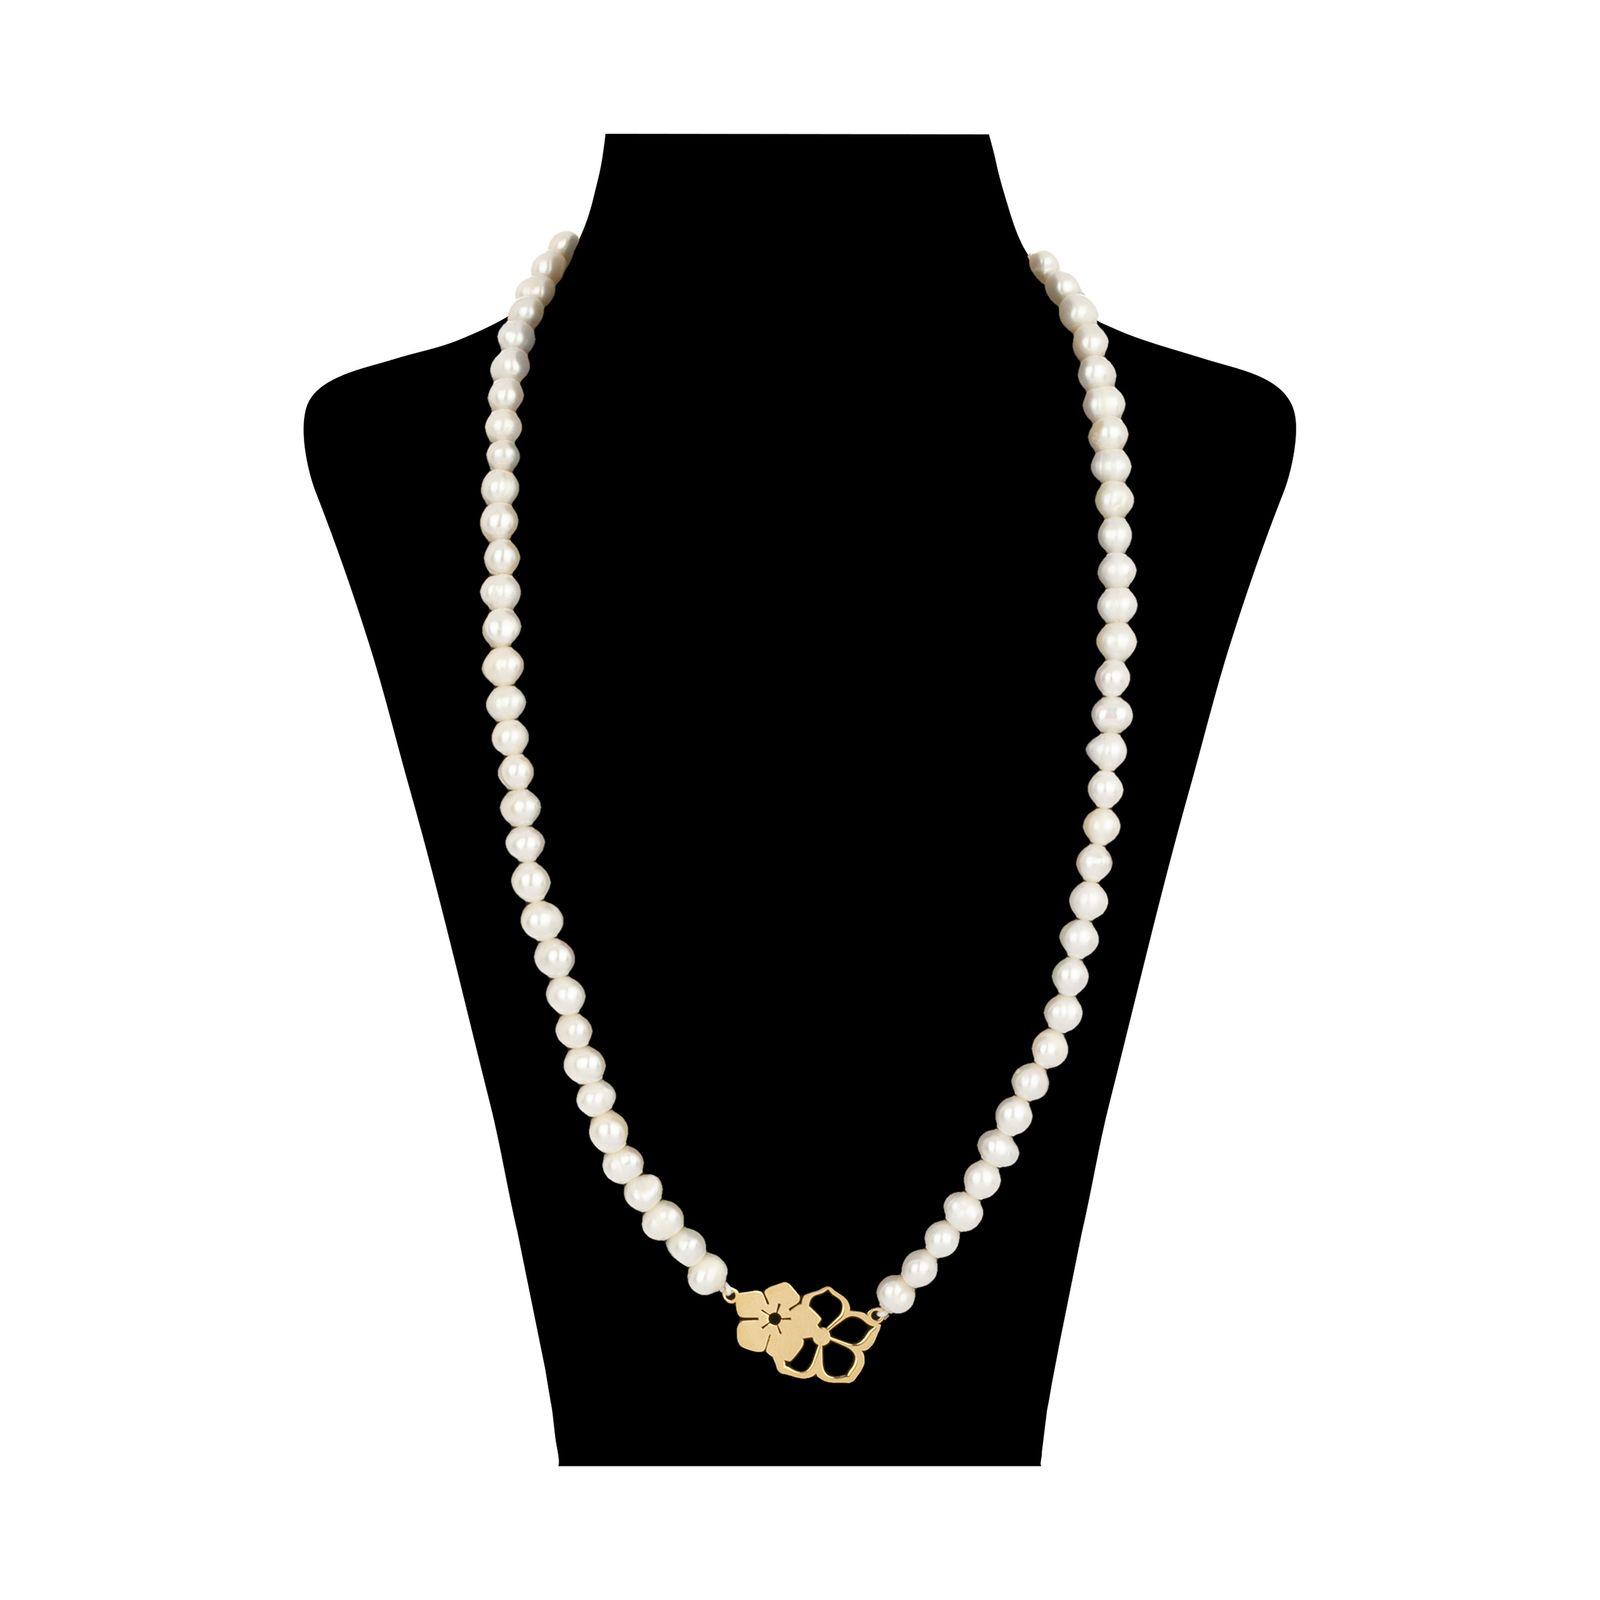 گردنبند طلا 18 عیار زنانه میو گلد مدل GD621 -  - 2